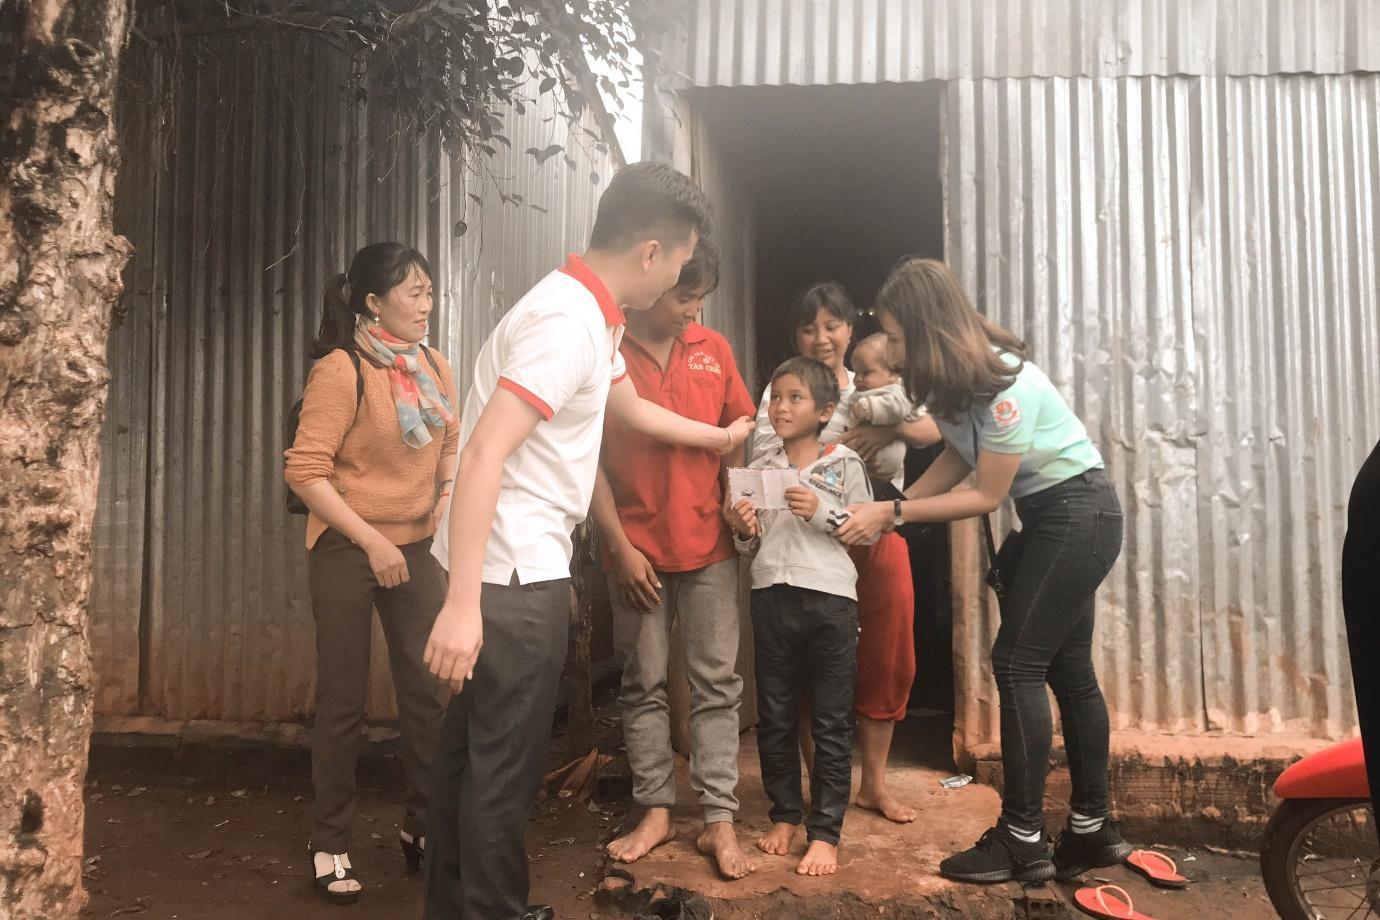 Honda ô tô Gia Lai - Pleiku chia sẻ yêu thương cùng các em học sinh khó khăn trên địa bàn - Ảnh 5